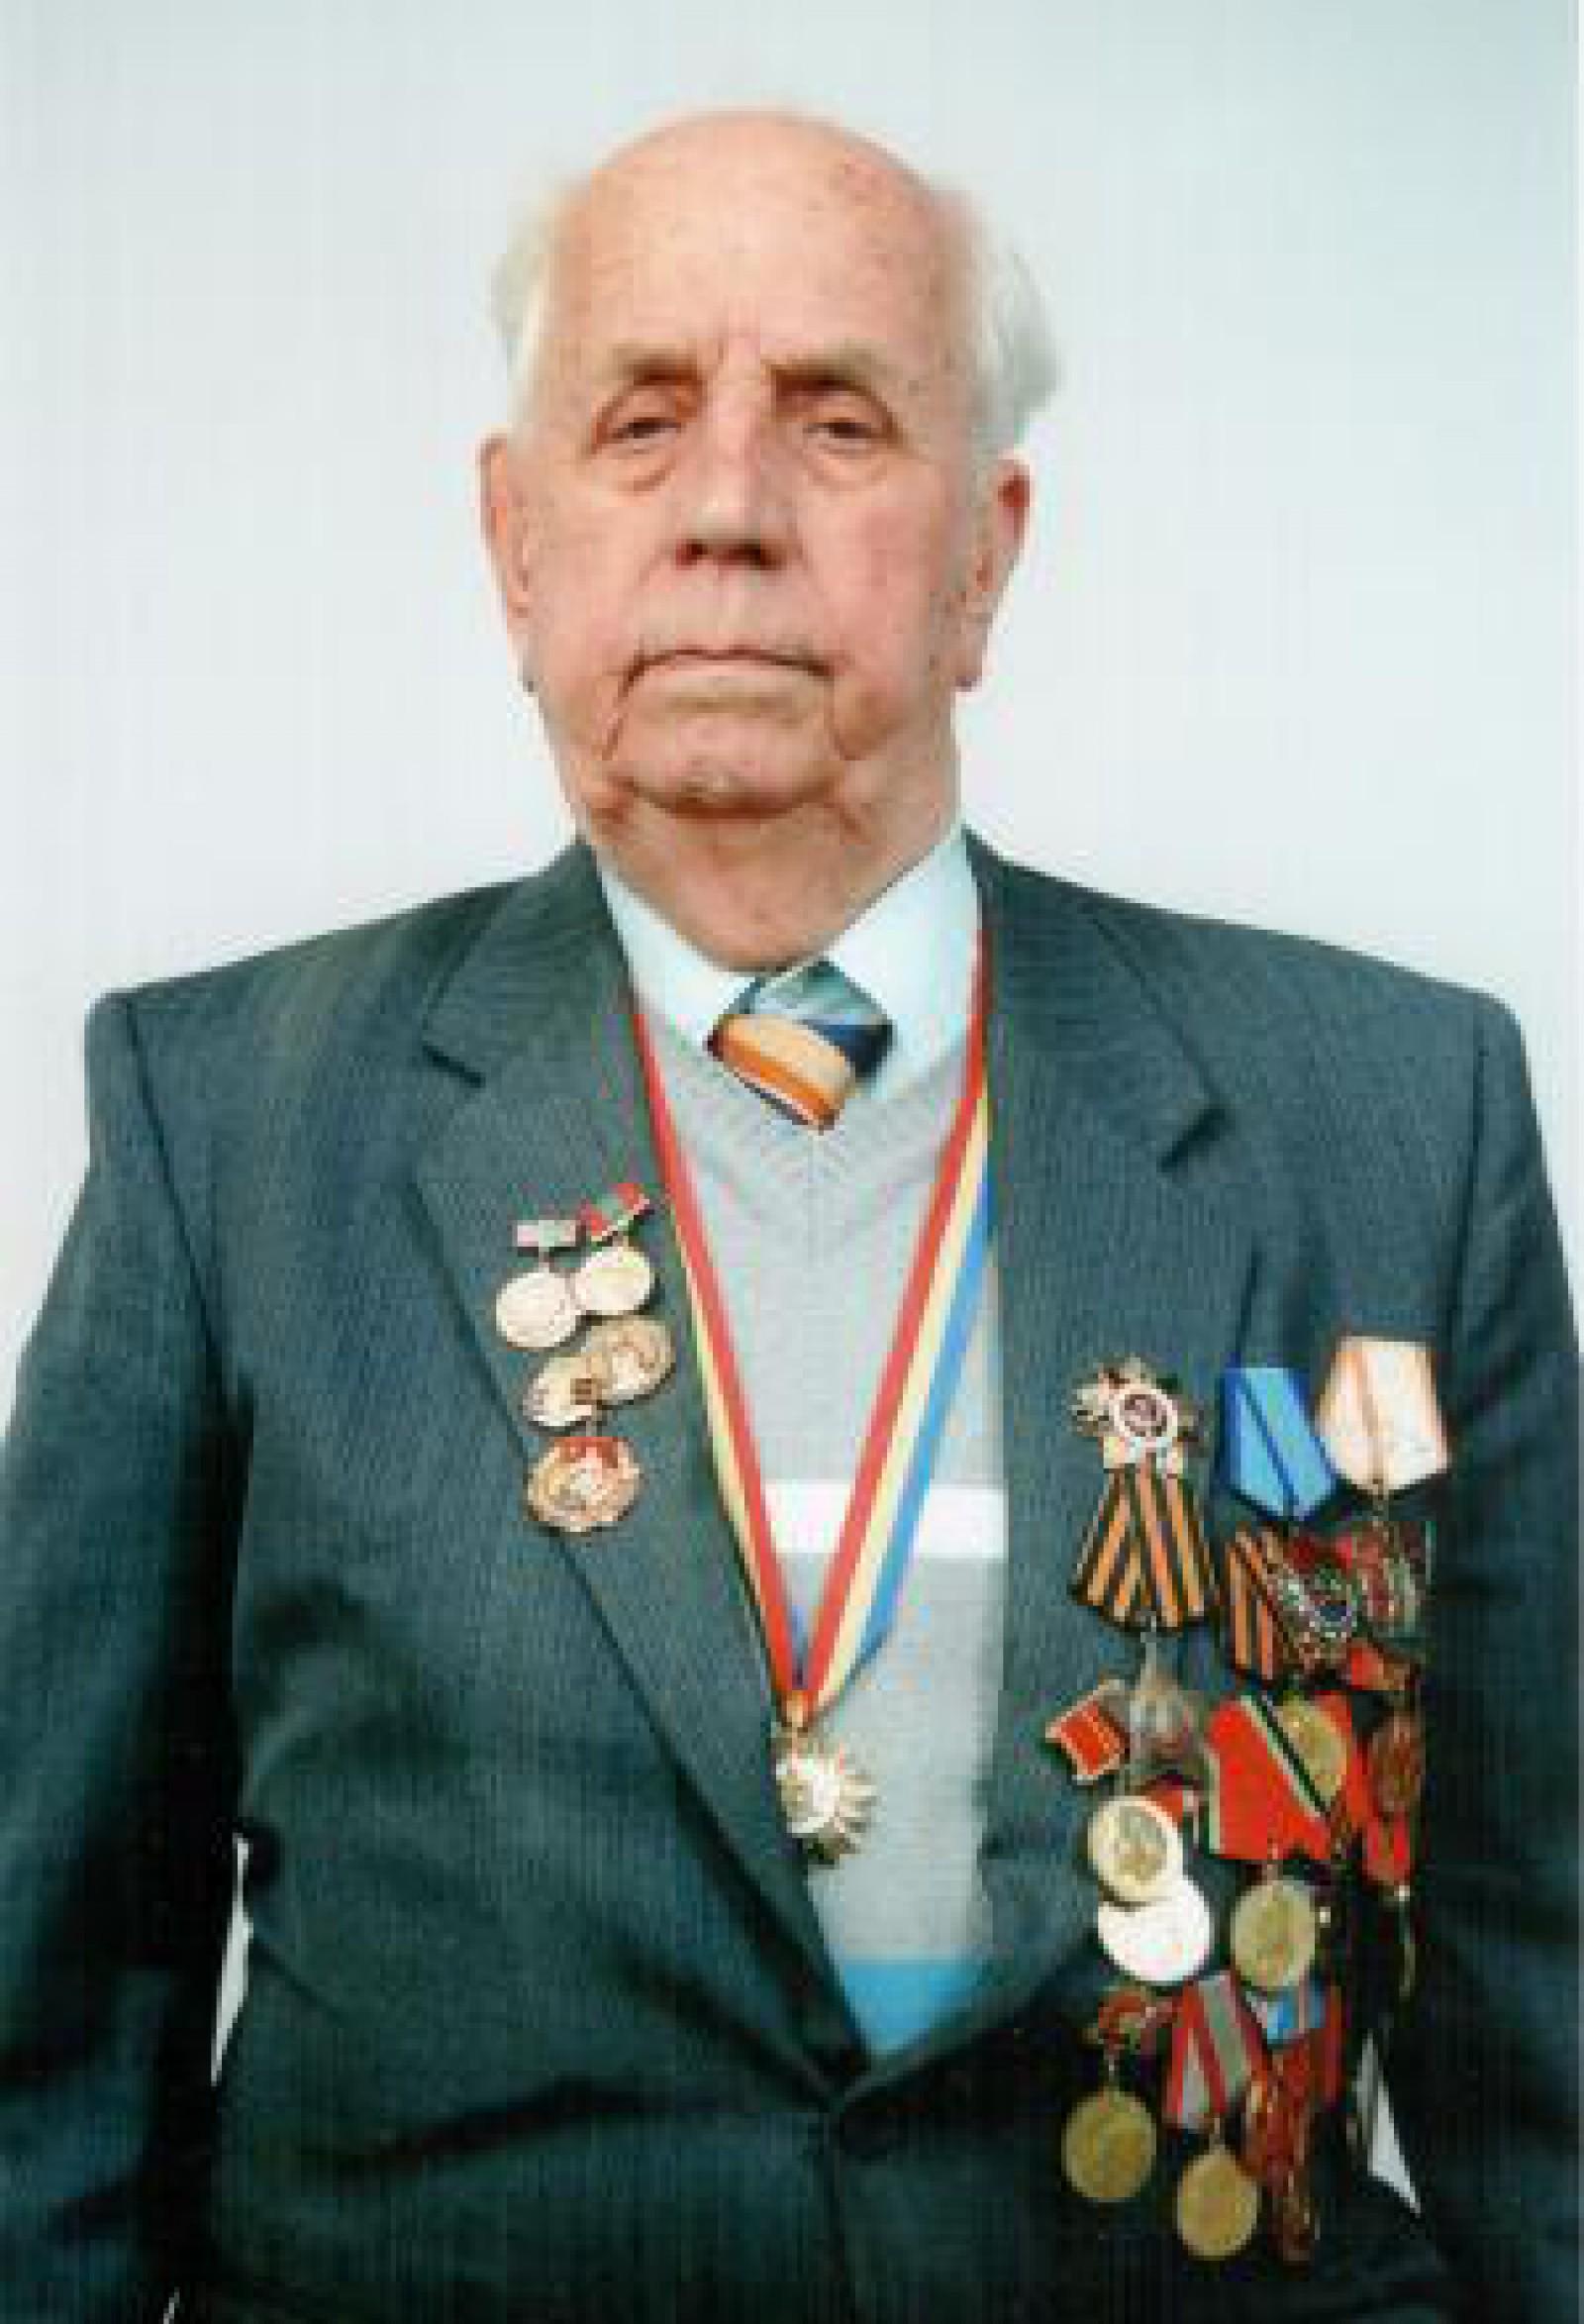 Doliu: Primul director al televiziunii naţionale, Andrei Timuş, s-a stins din viață la vârsta de 96 de ani